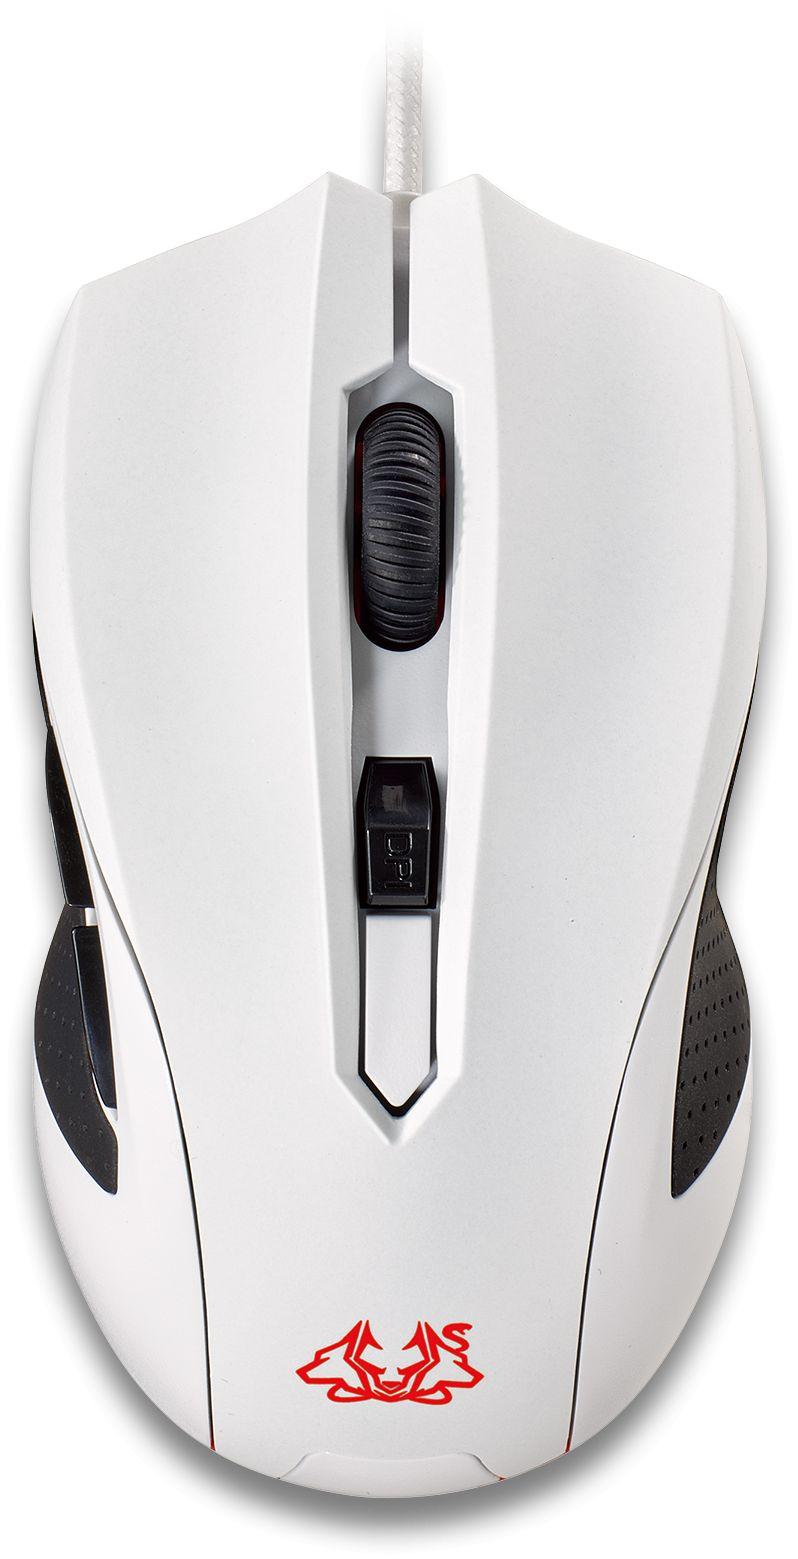 Cerberus Arctic 5-button Ambidextrous Mouse